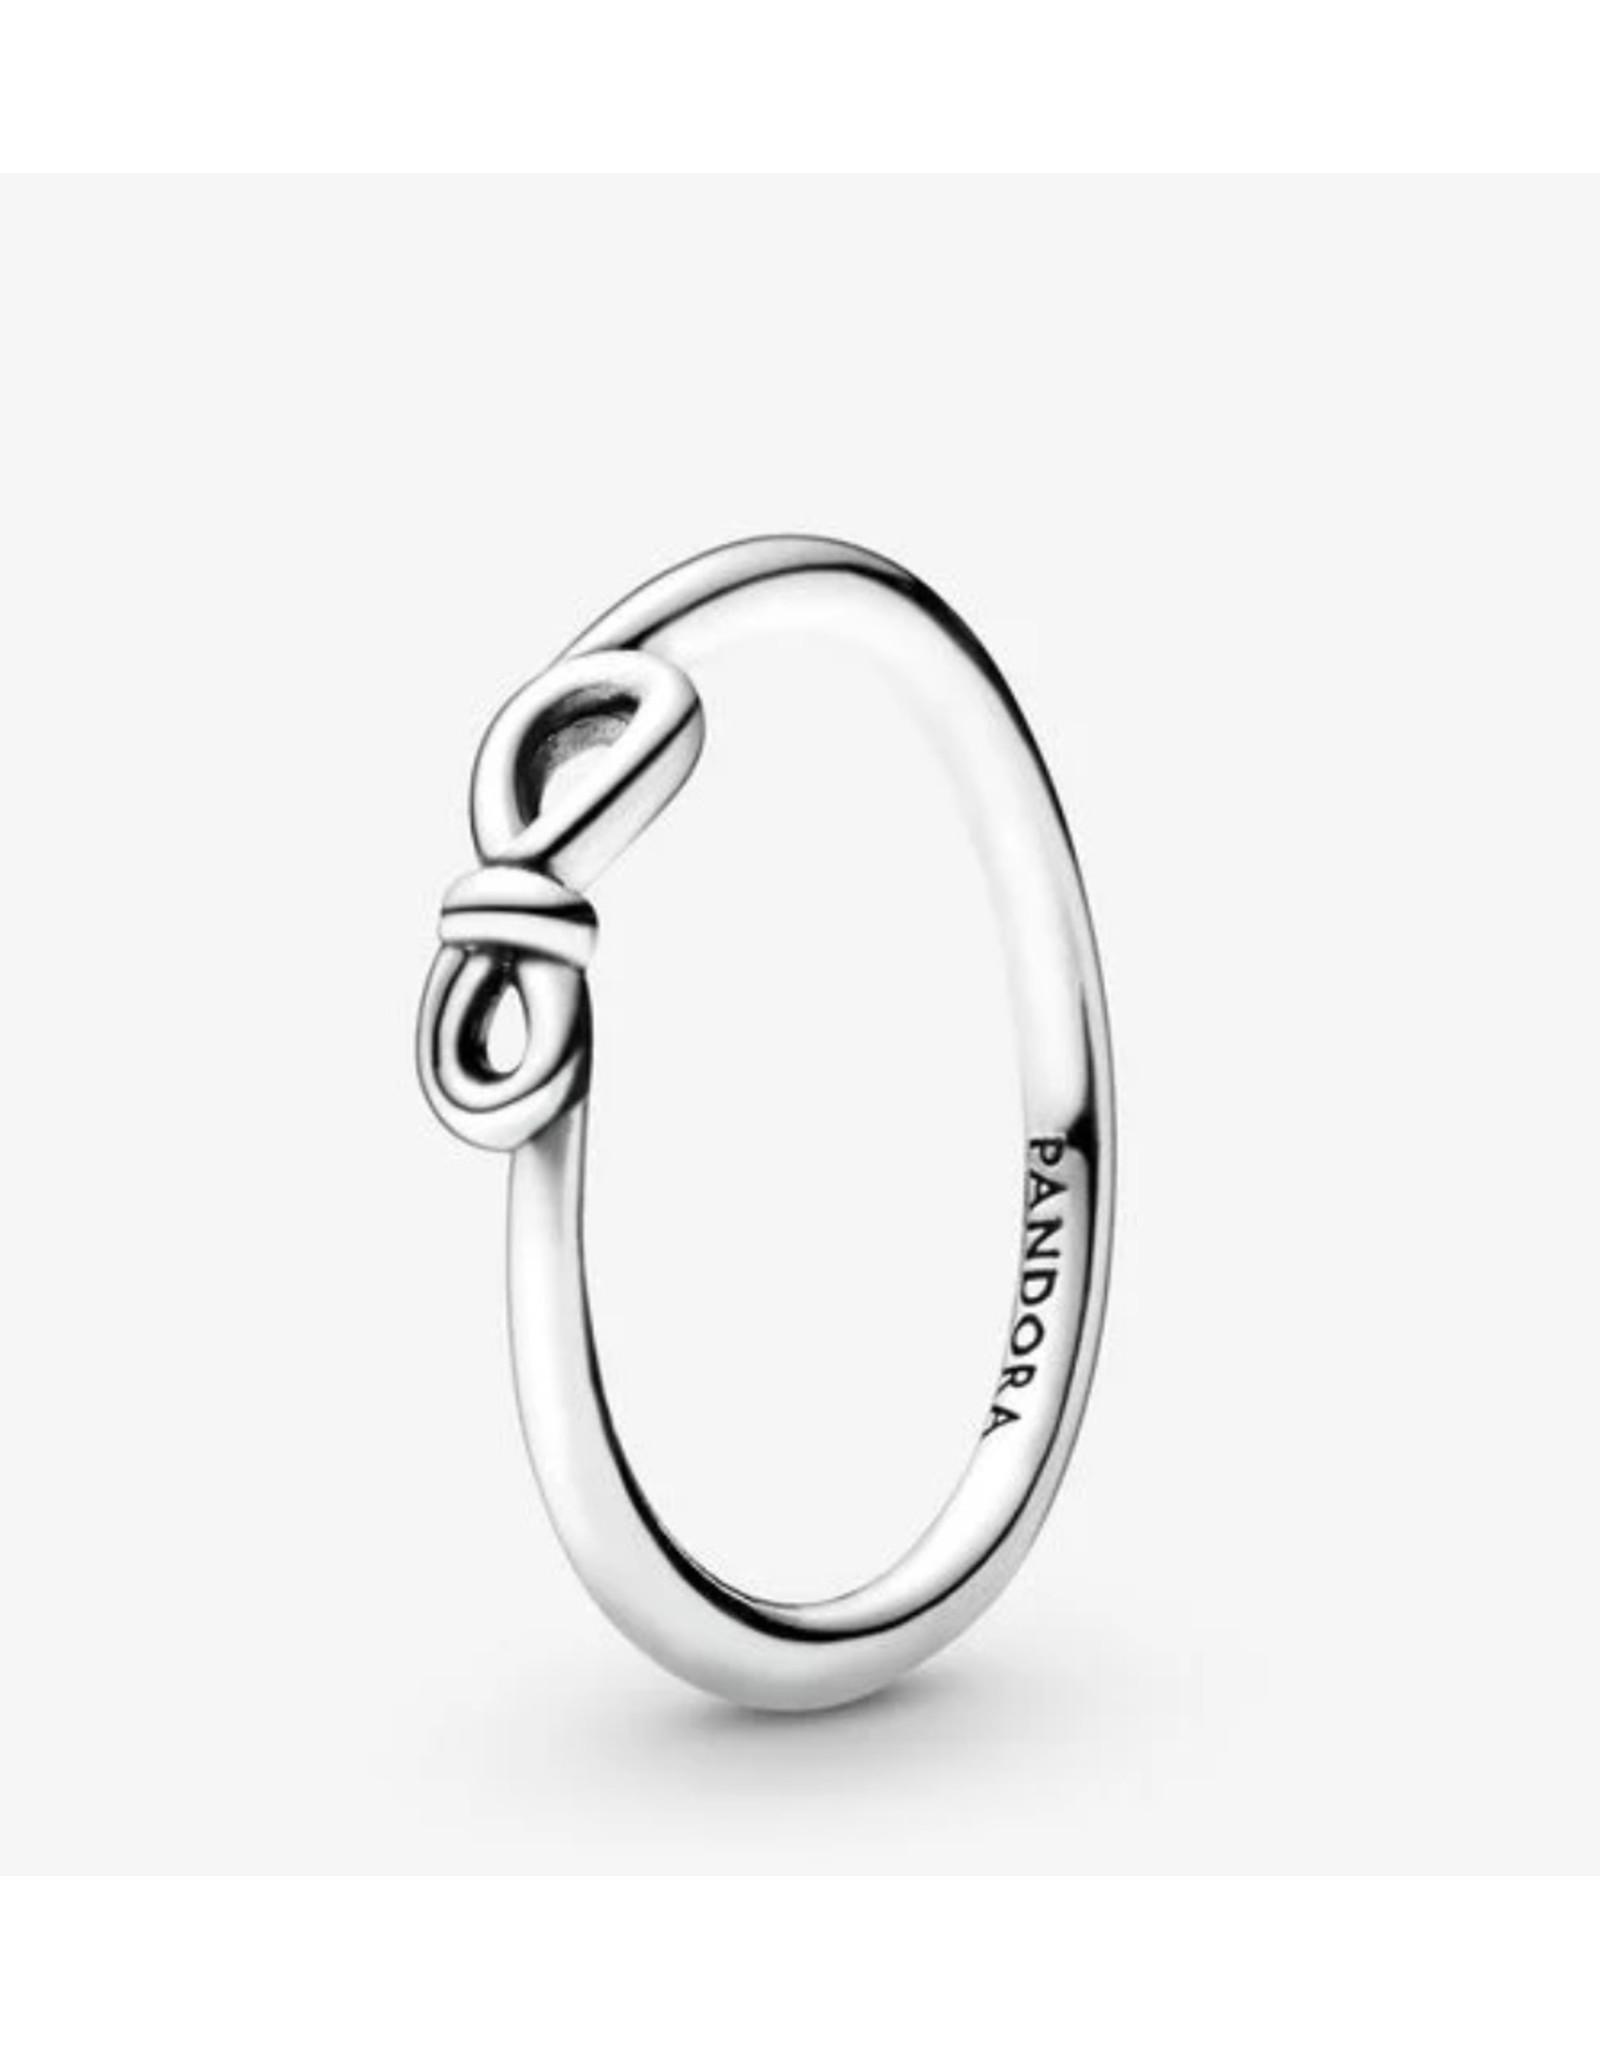 Pandora Pandora Ring,198898, Infinity Knot